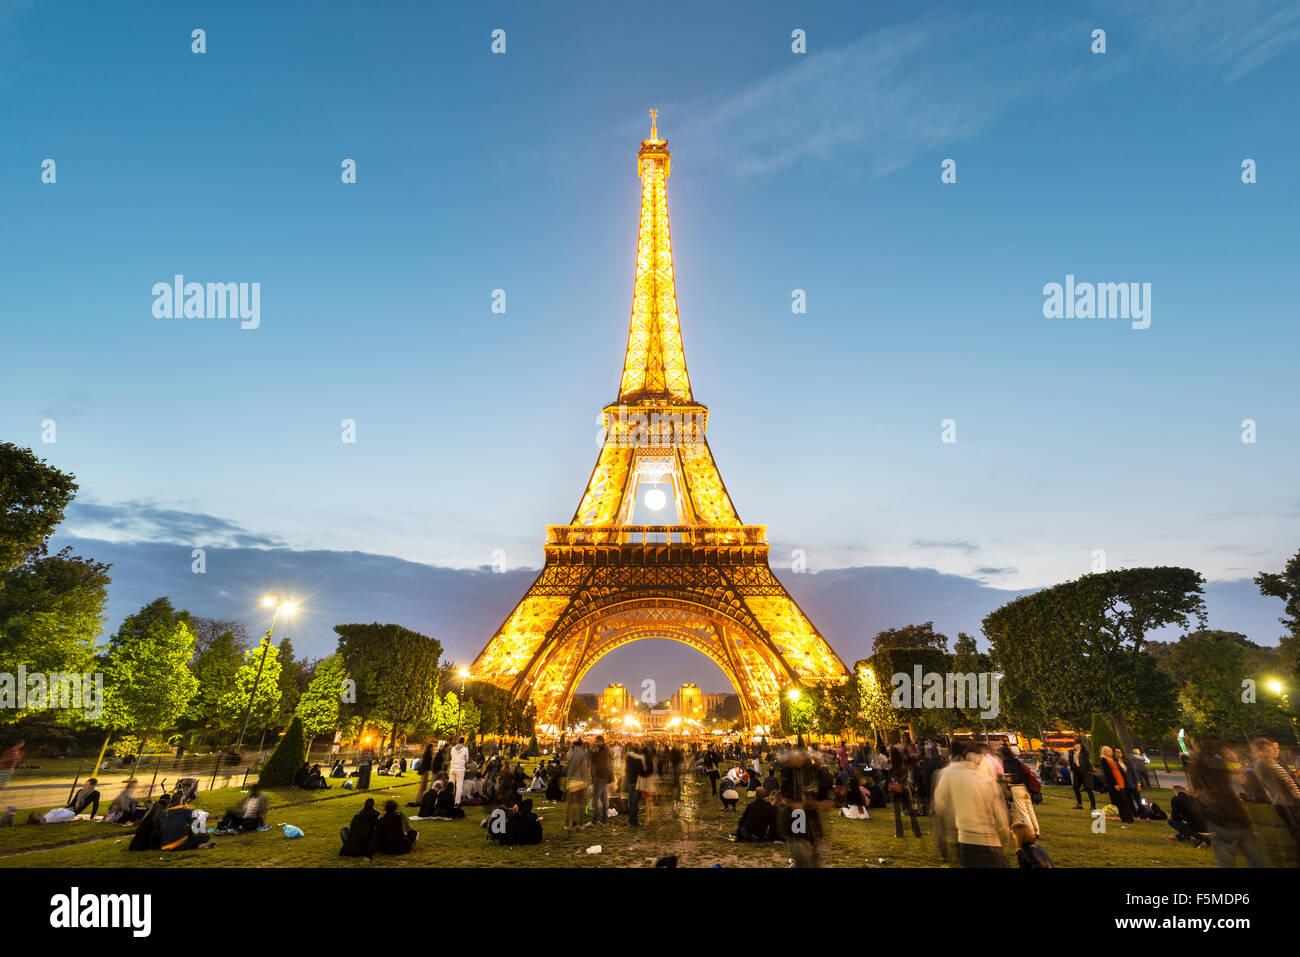 Illuminated Eiffel Tower at dusk, tour Eiffel, Champ de Mars, Paris, Ile-de-France, France - Stock Image